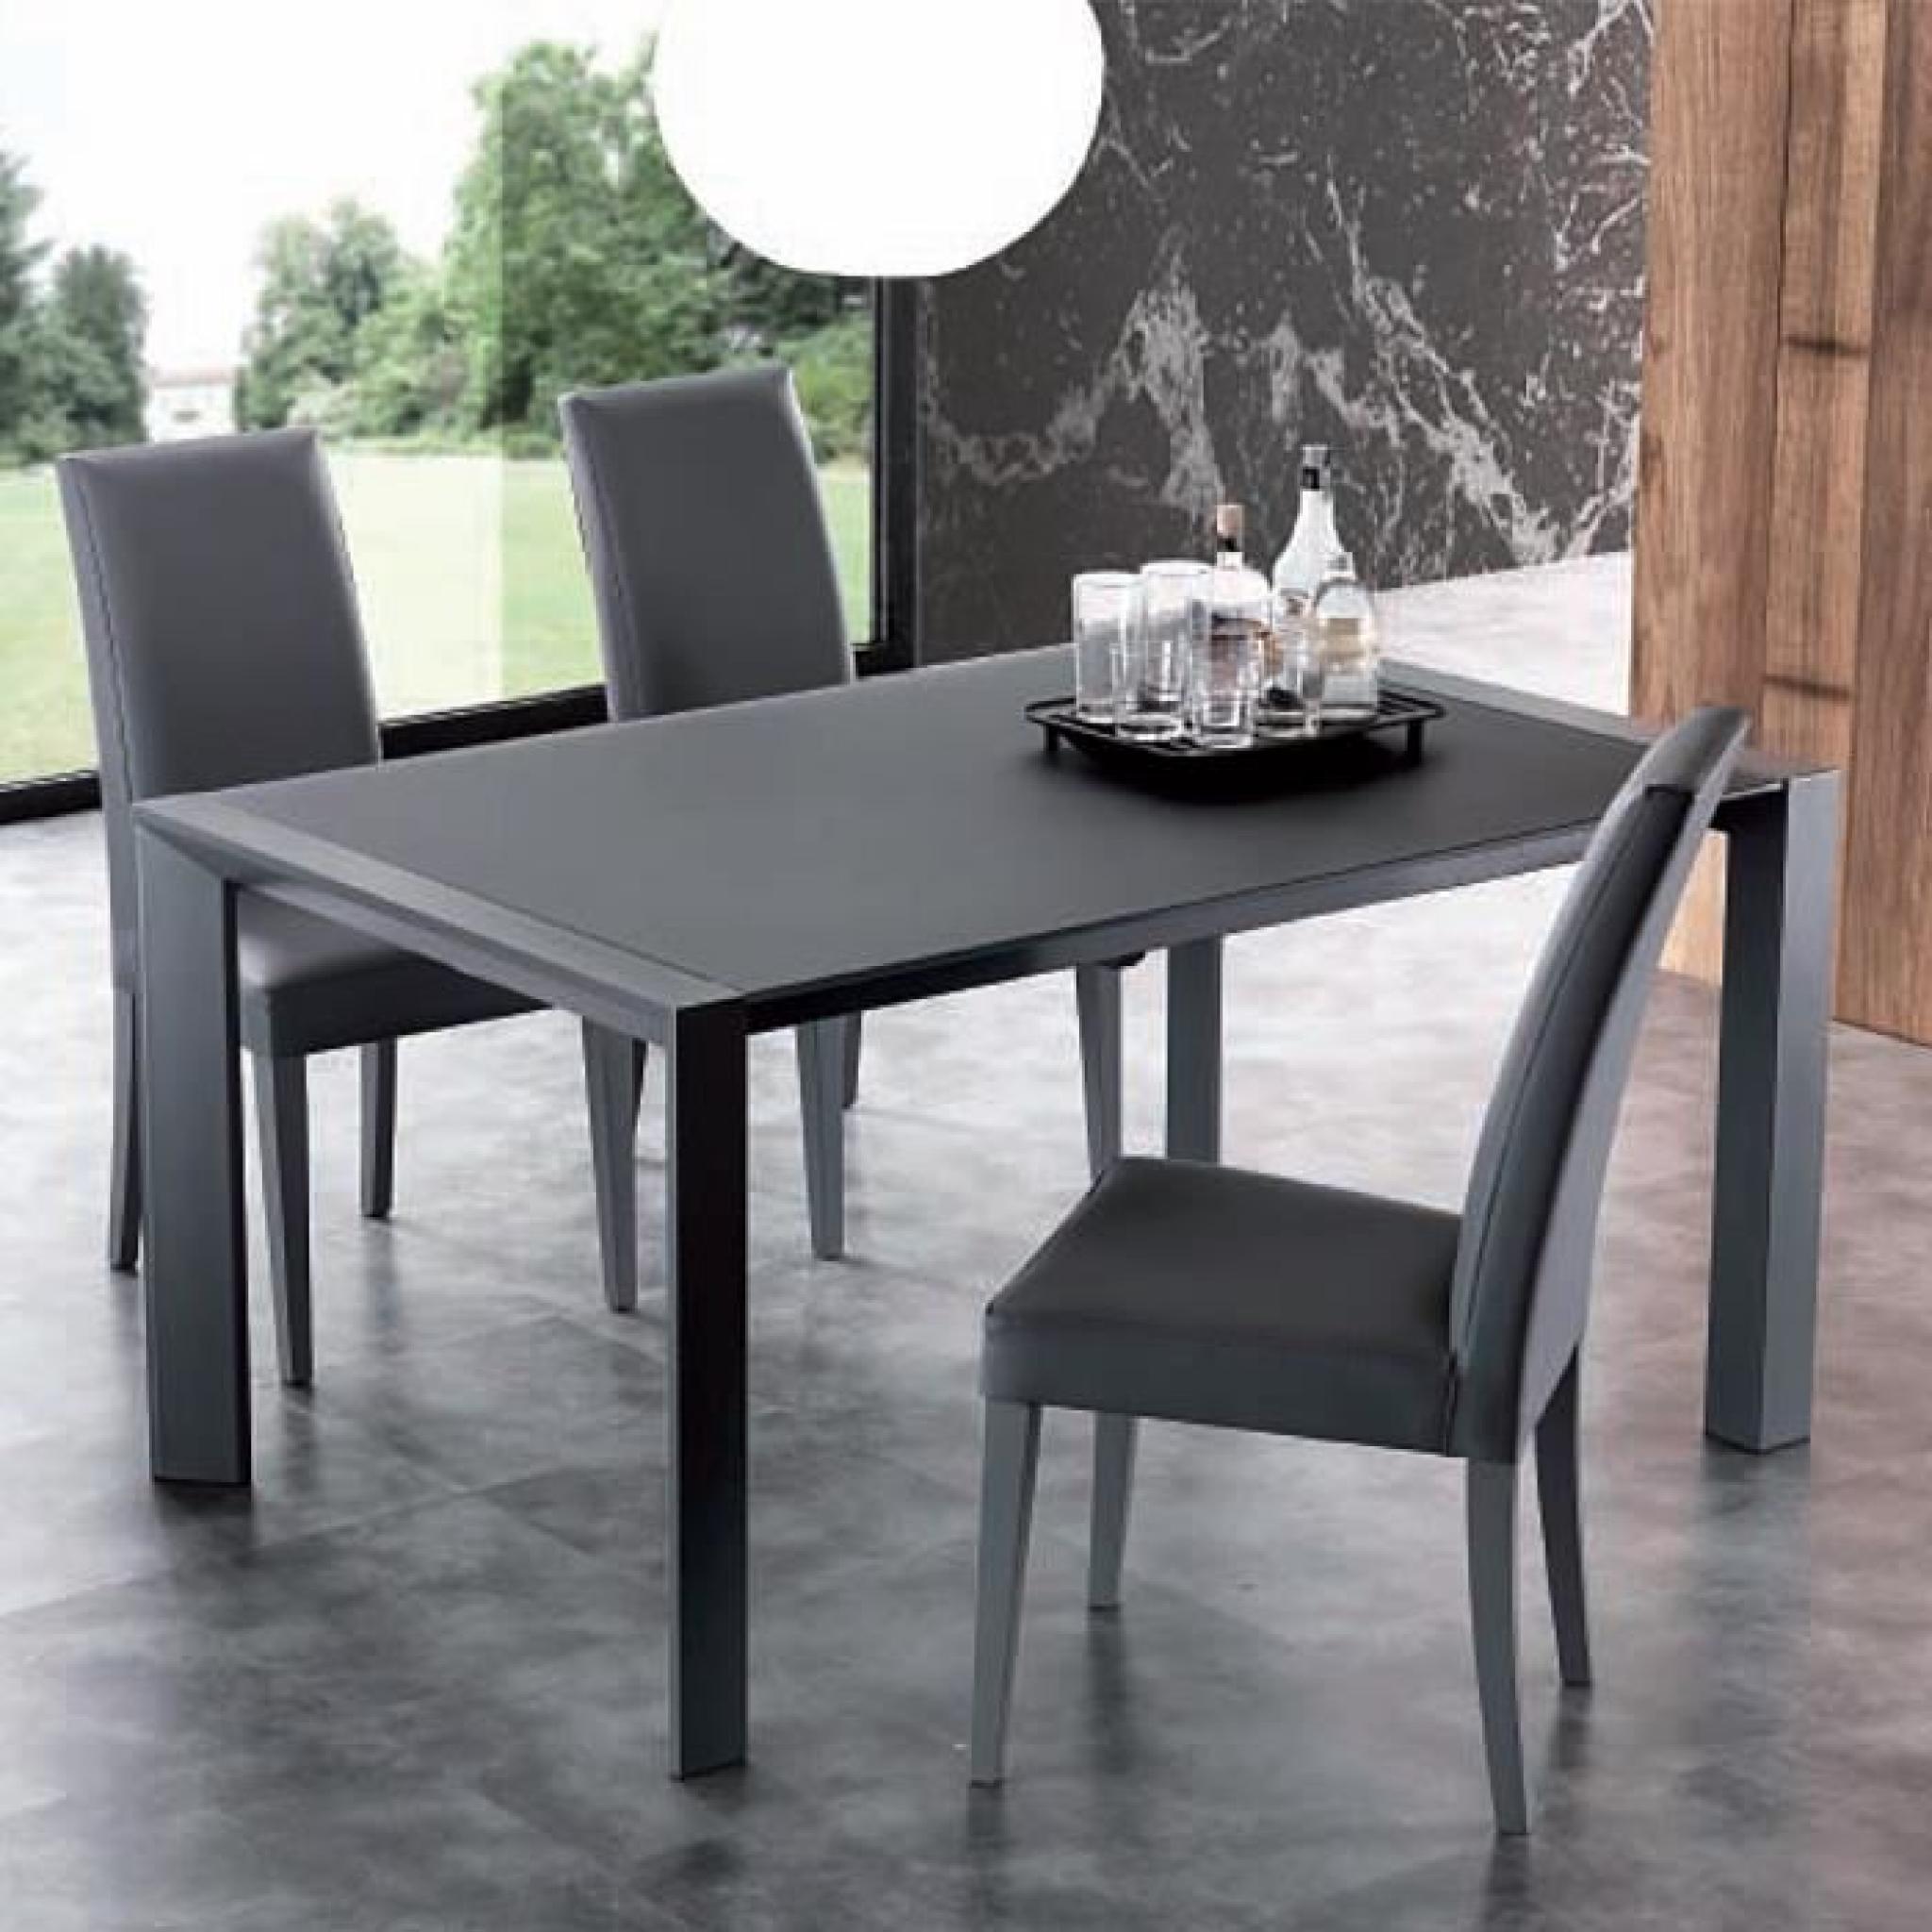 #7D5C4E Table Extensible De Salle à Manger Avec Plateau En Crystal  3589 Salle A Manger Extensible Pas Cher 2048x2048 px @ aertt.com